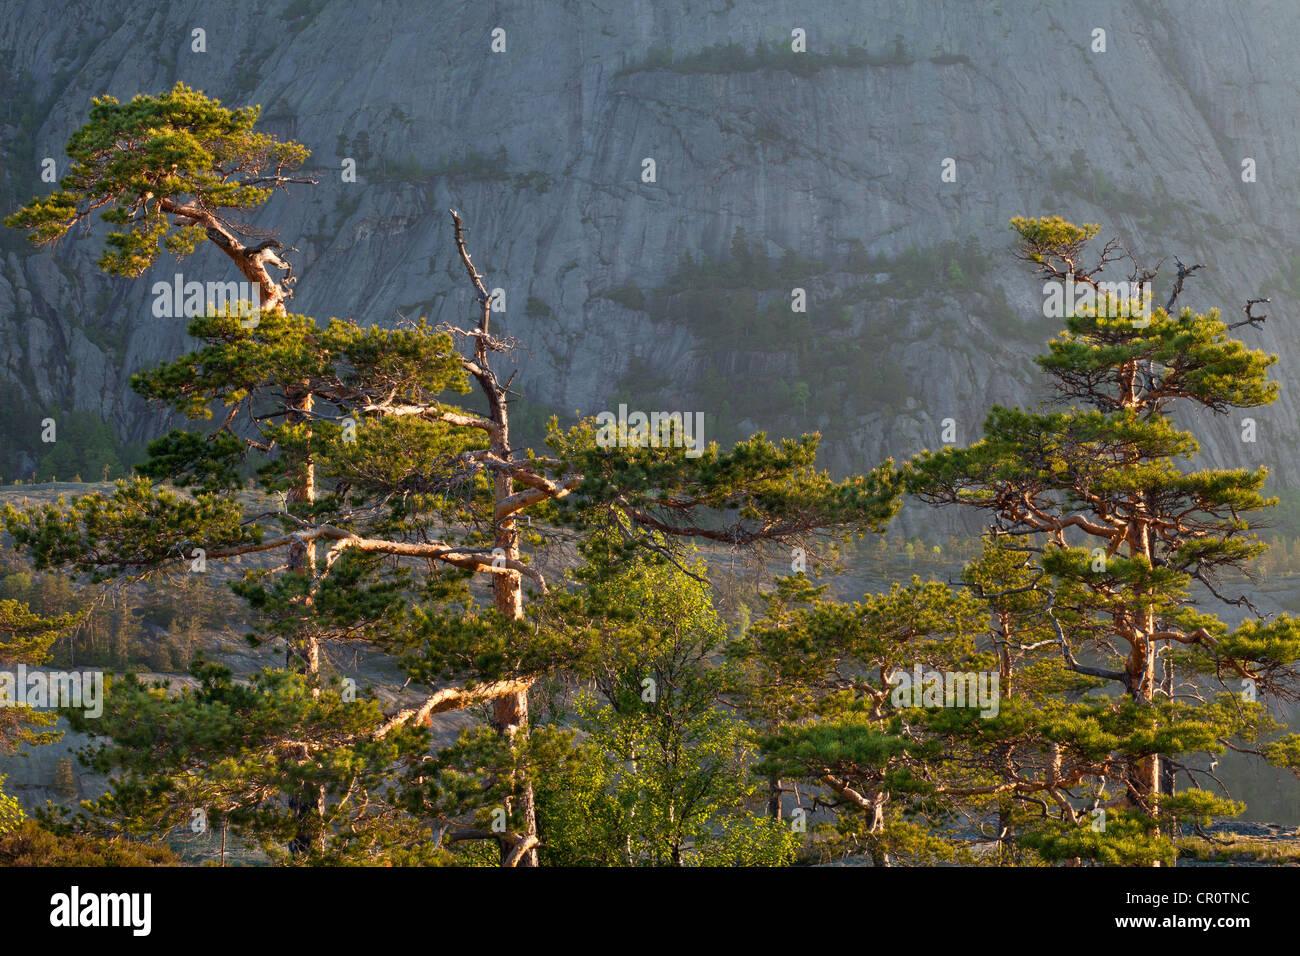 Los pinos al amanecer, en Måfjell en Nissedal fylke, Telemark, Noruega. Imagen De Stock